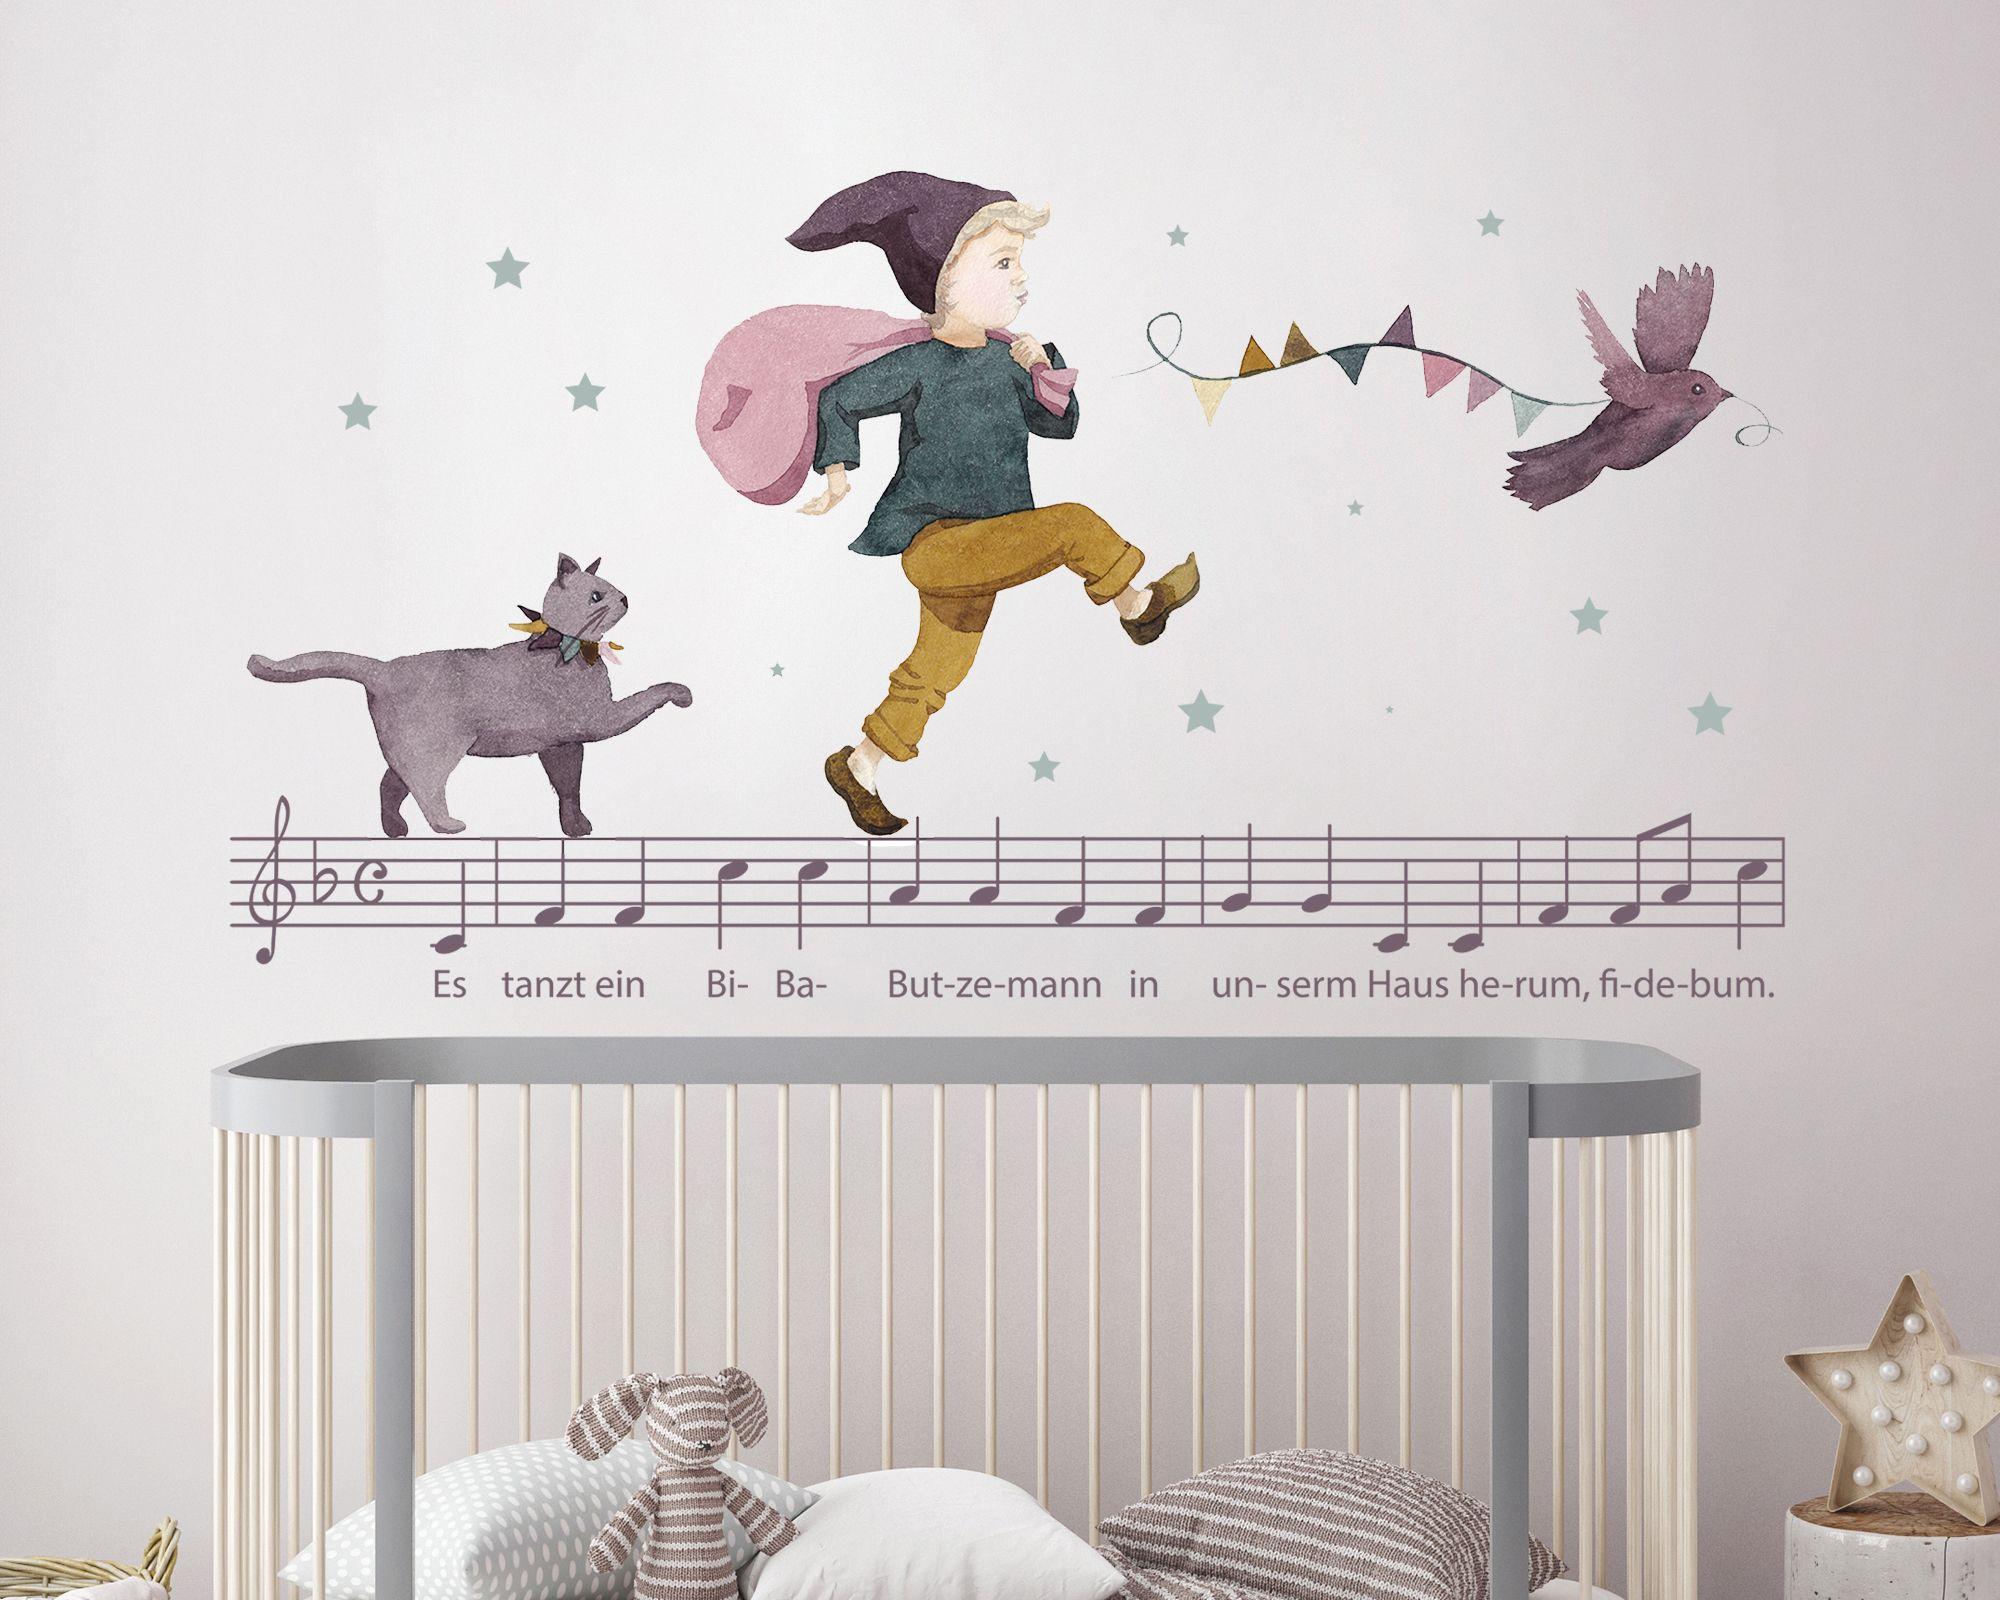 Kinderzimmer Motive | Bezauberndes Motiv Fur Jungen Und Madchen Im Kinderzimmer Der